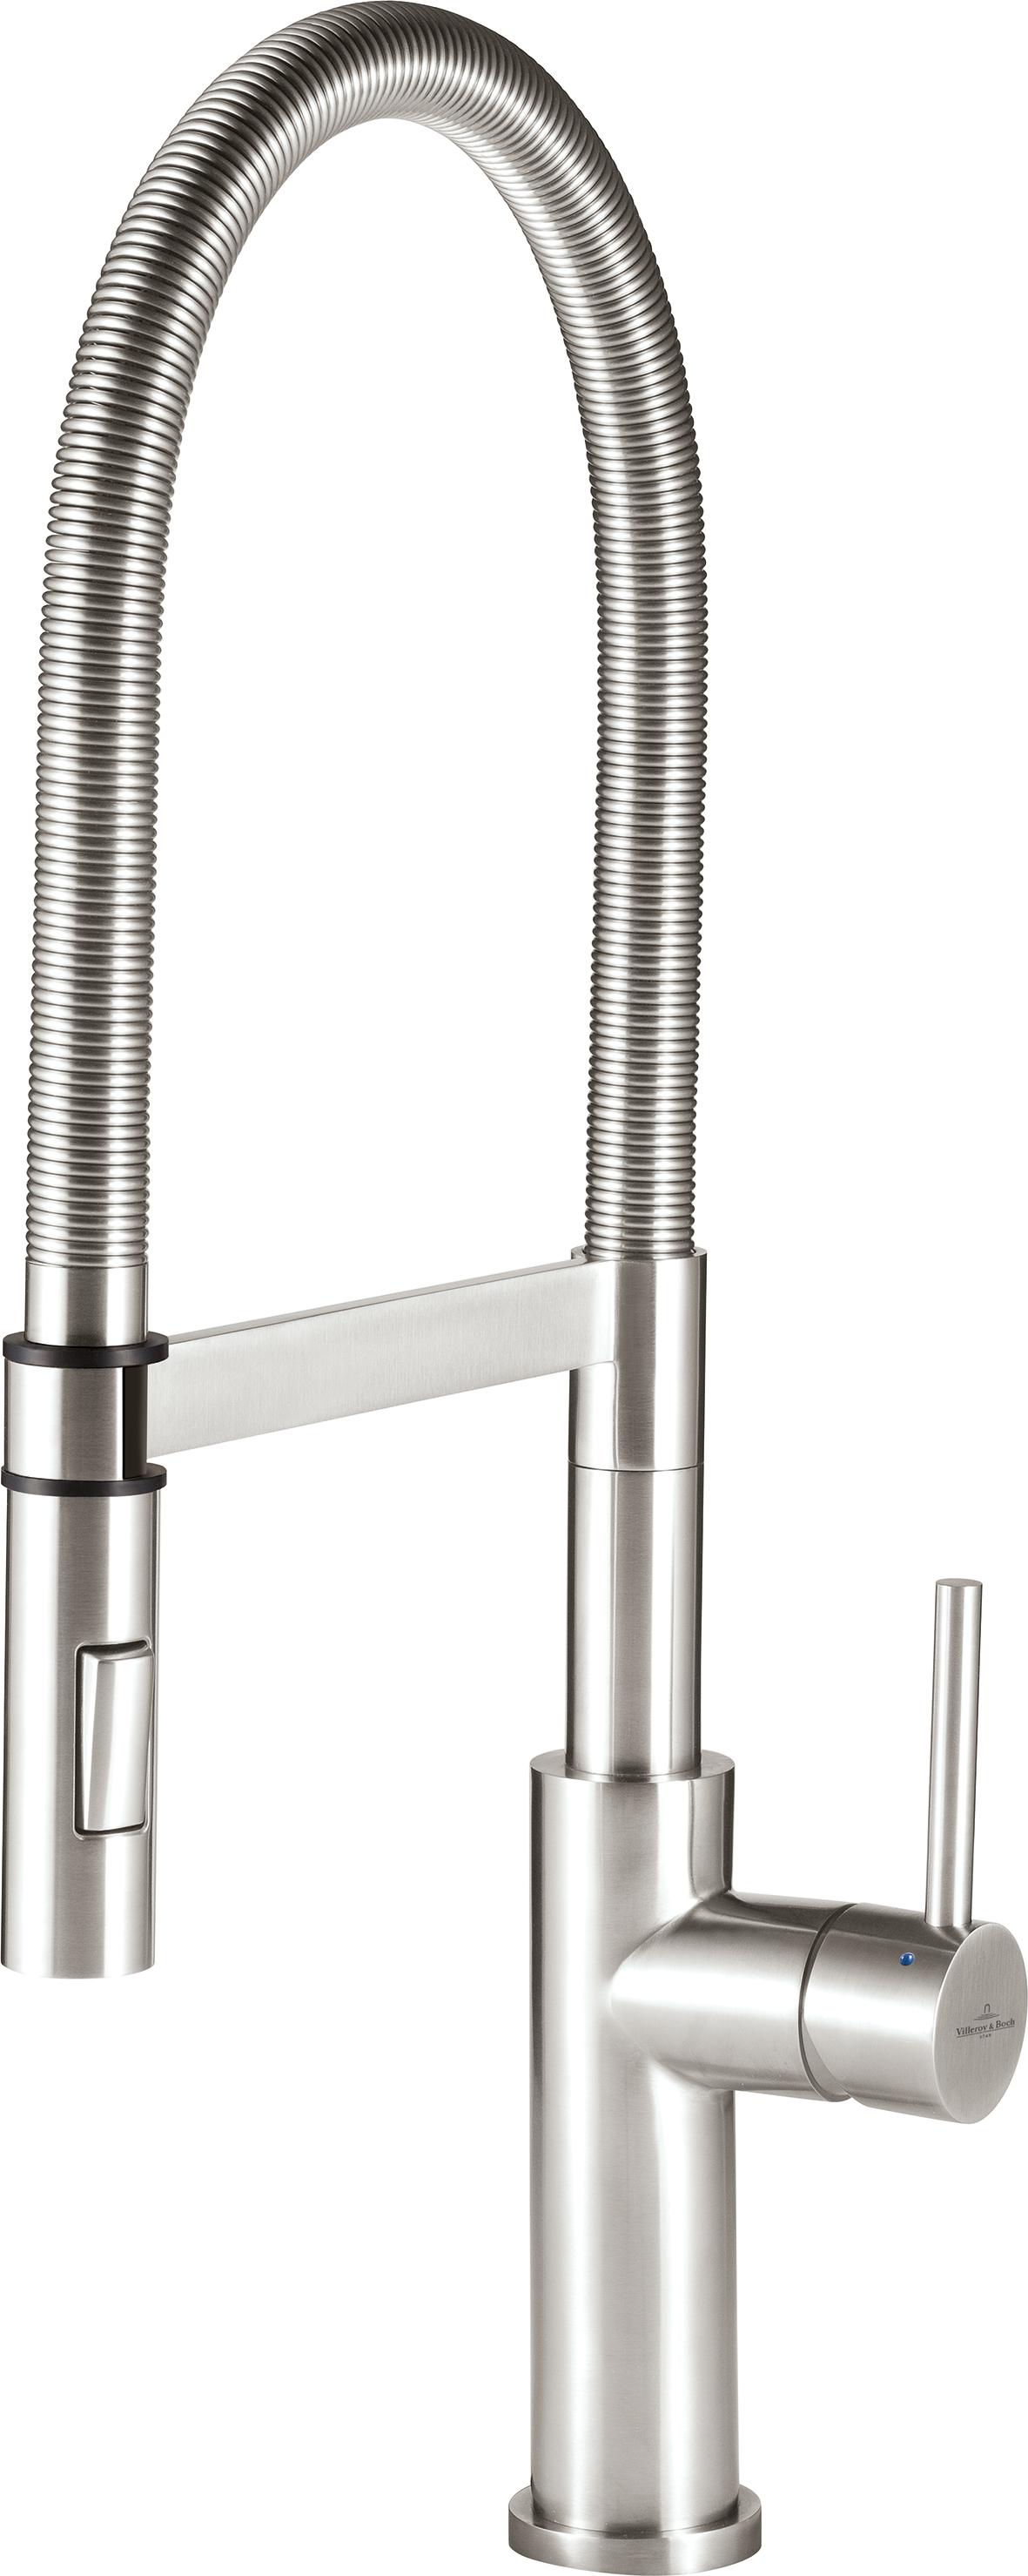 Villeroy & Boch Edelstahl Küchenarmatur Steel Expert - modern life ...